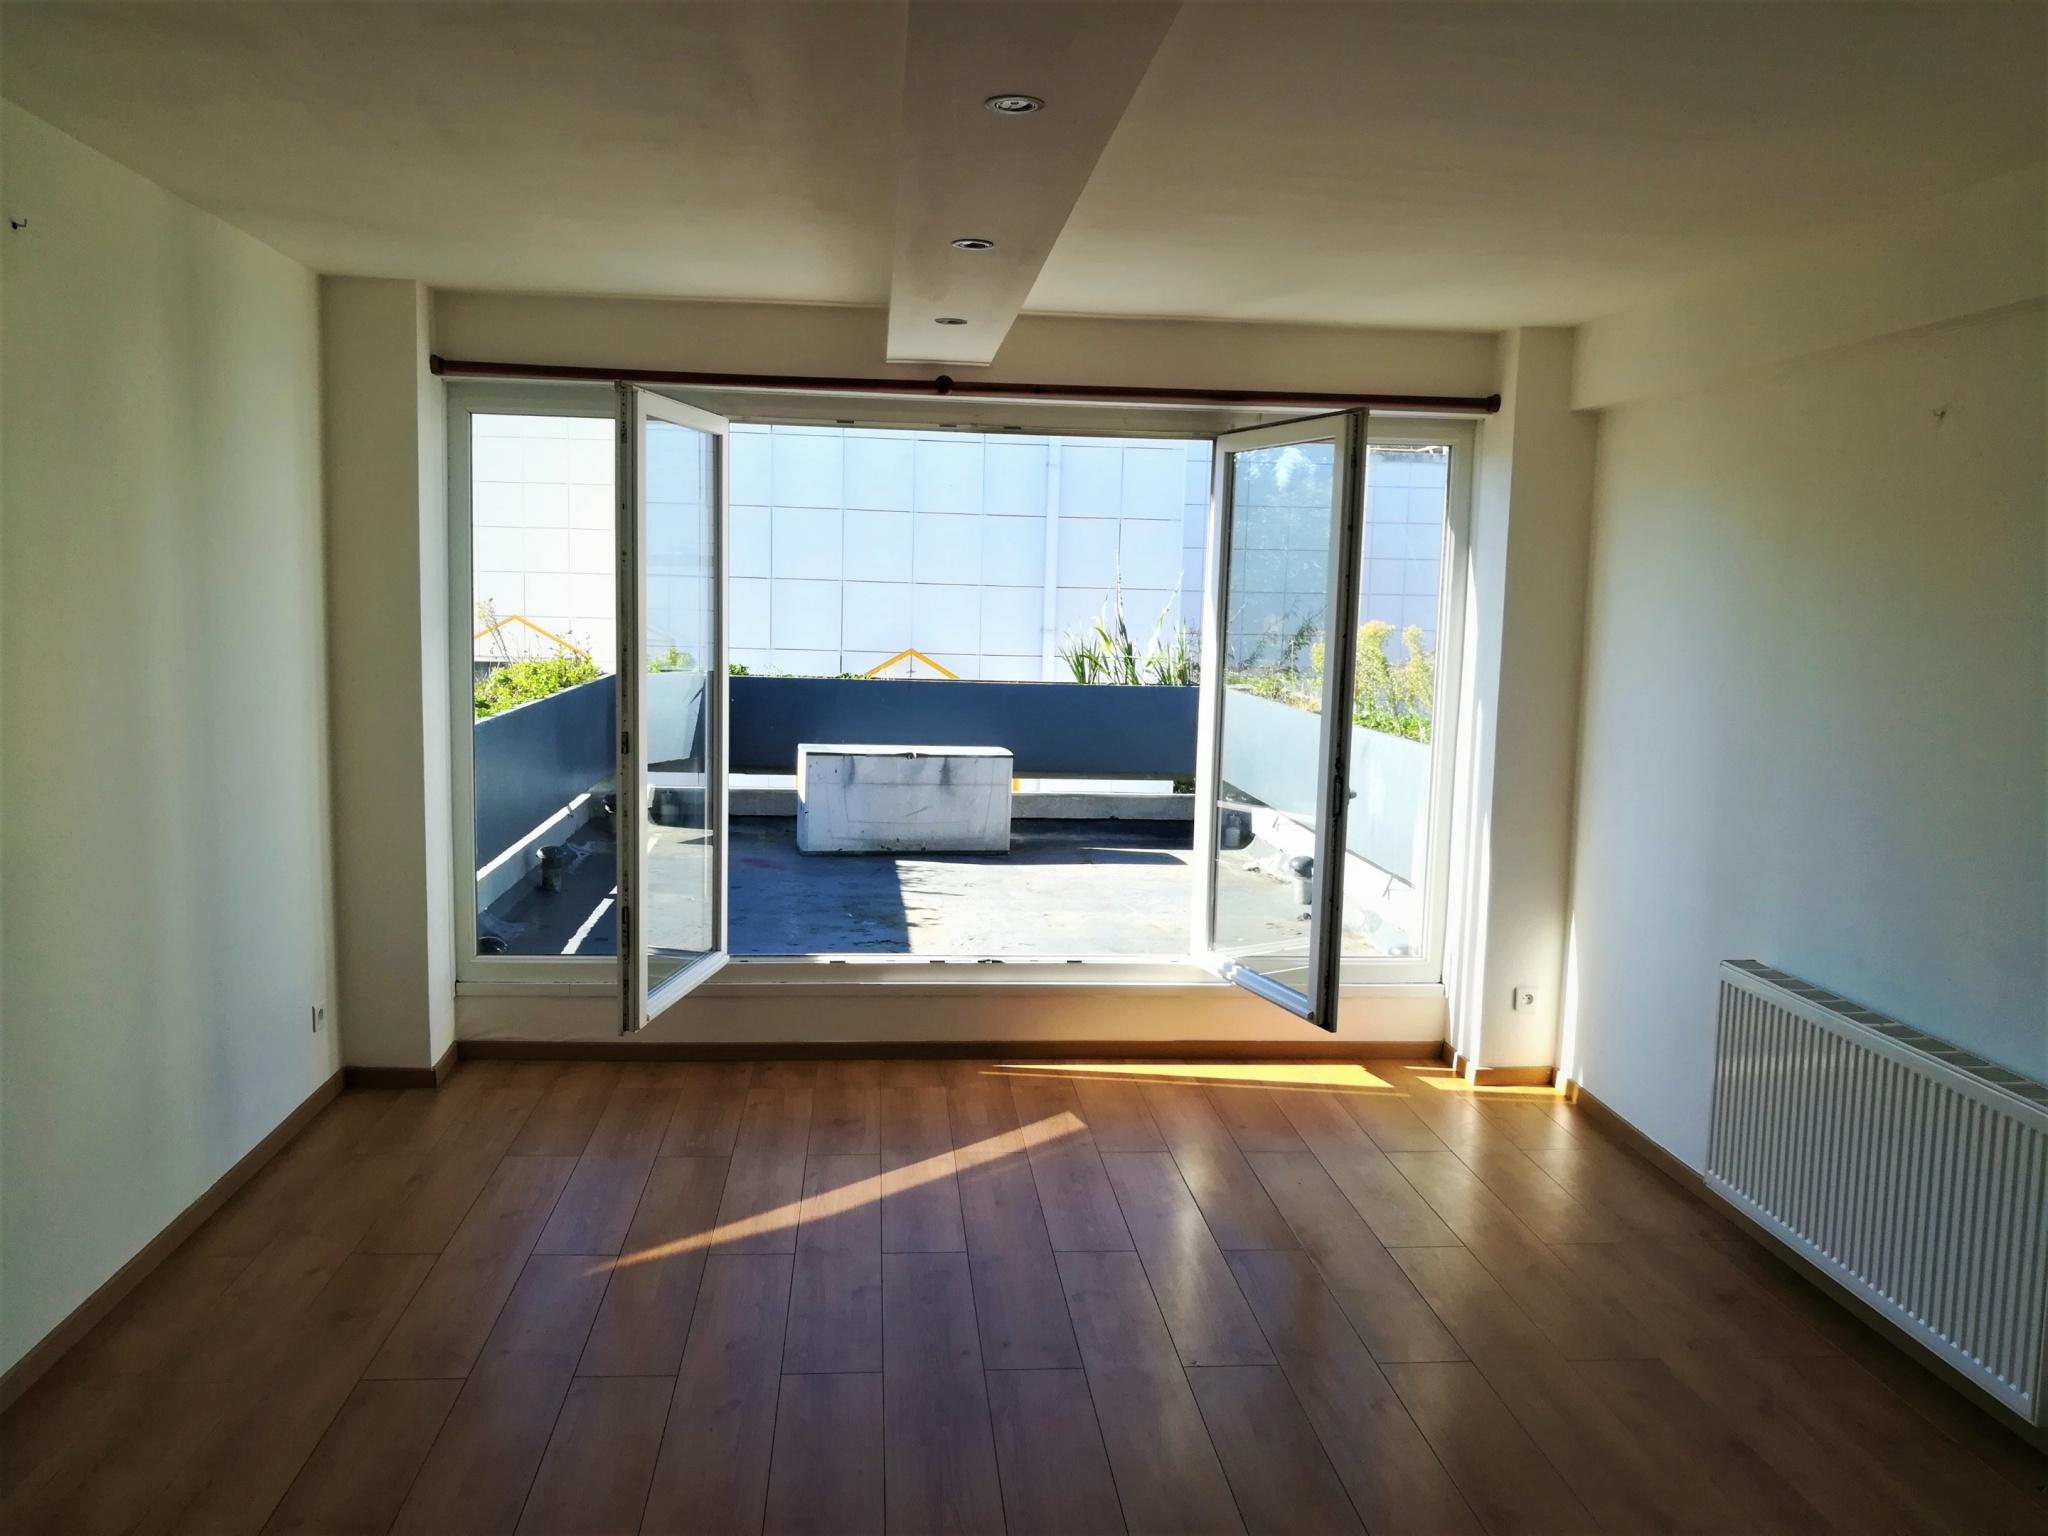 Vente f4 en dernier tage avec terrasse for Deco appartement f4